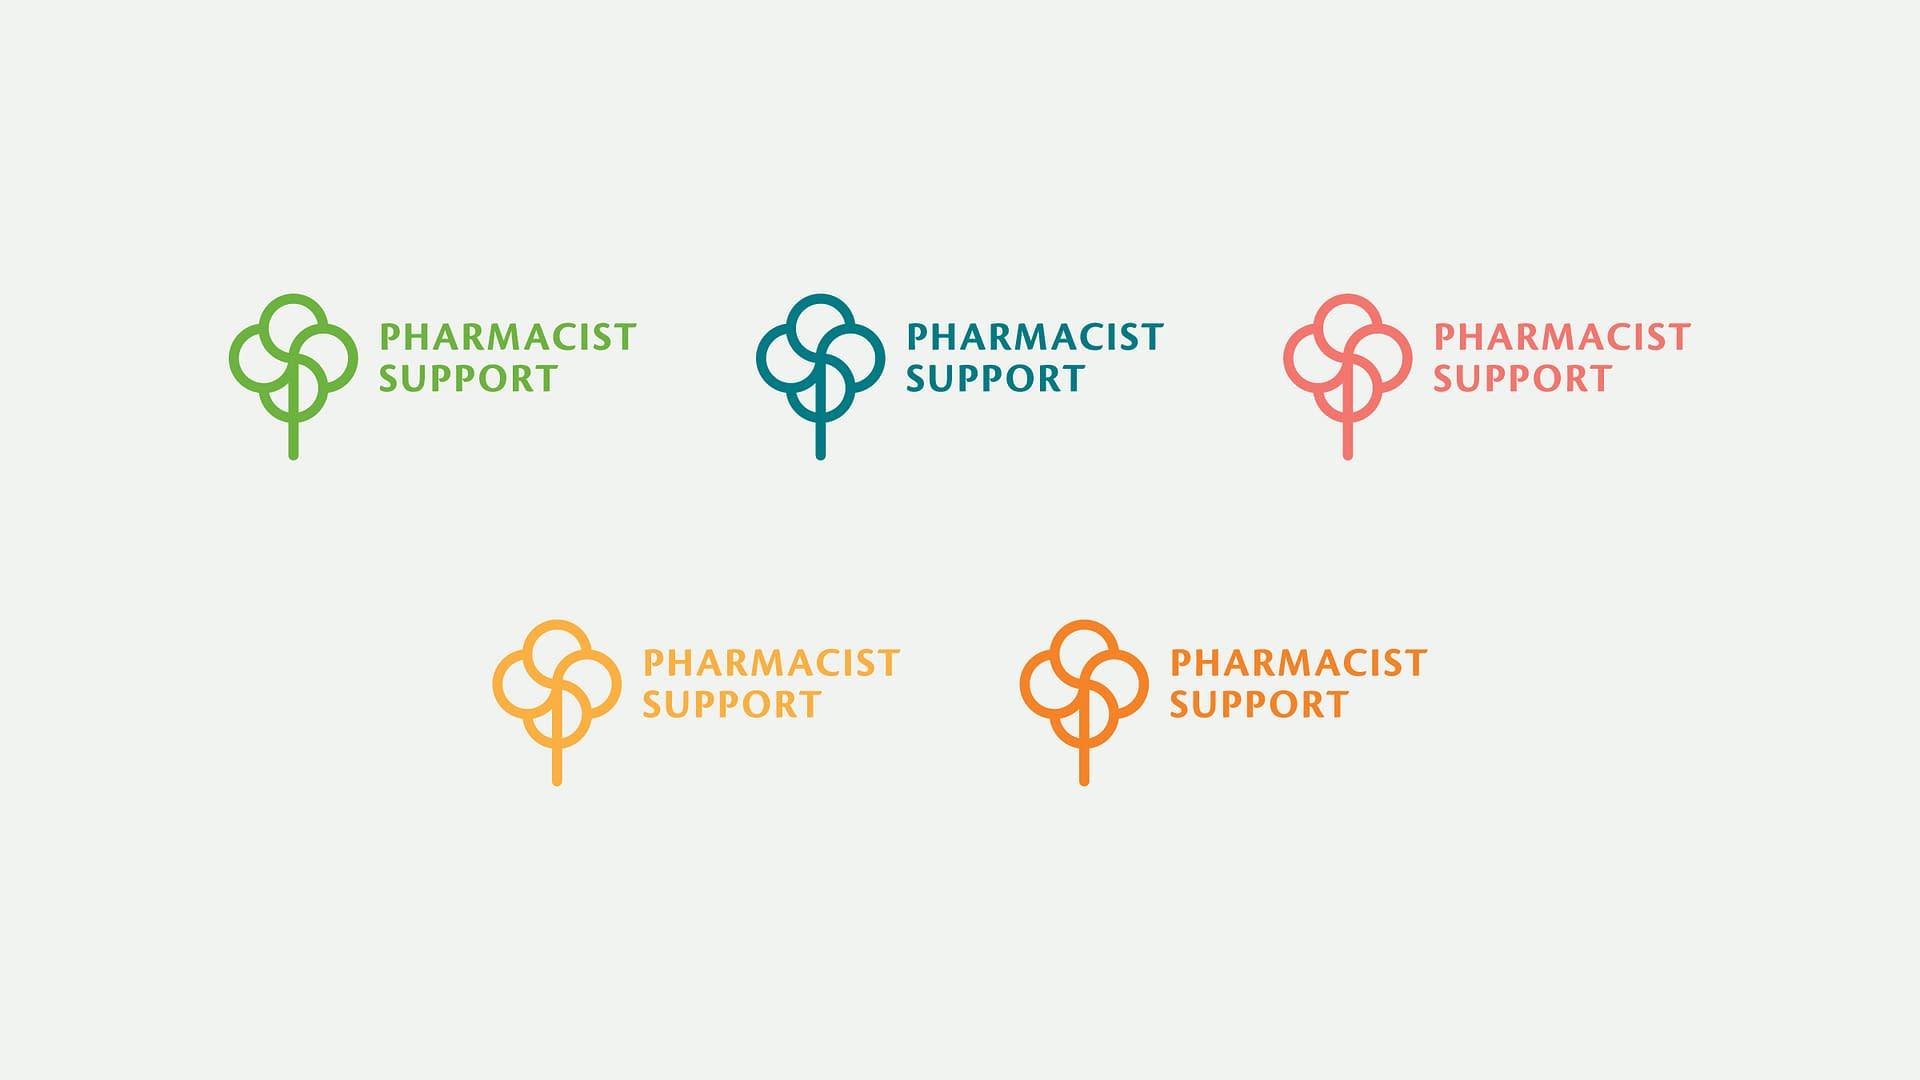 Pharmacist Support logos